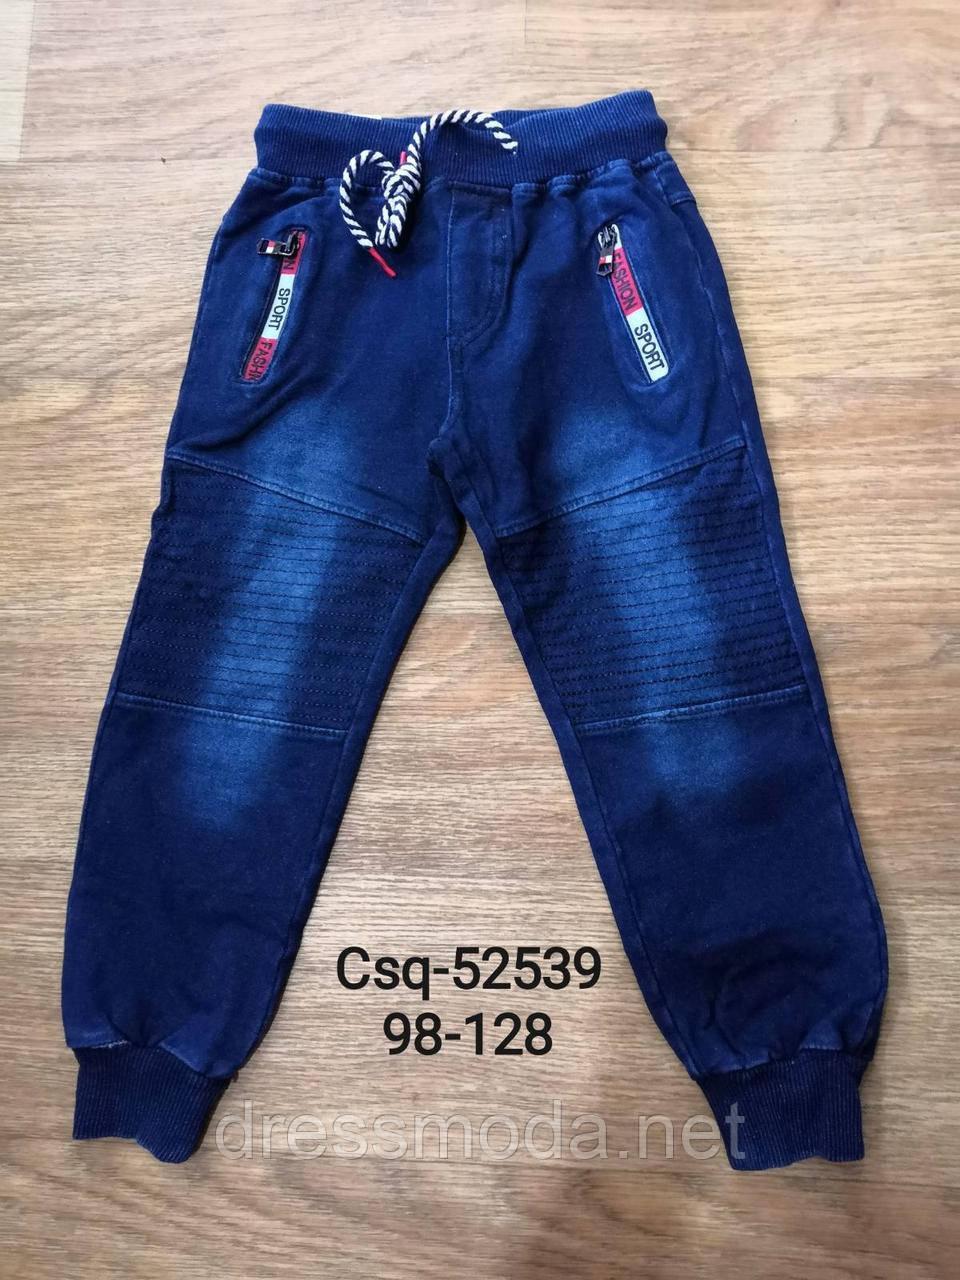 Джоггеры под джинс для мальчиков Seagull 98-128 p.p.